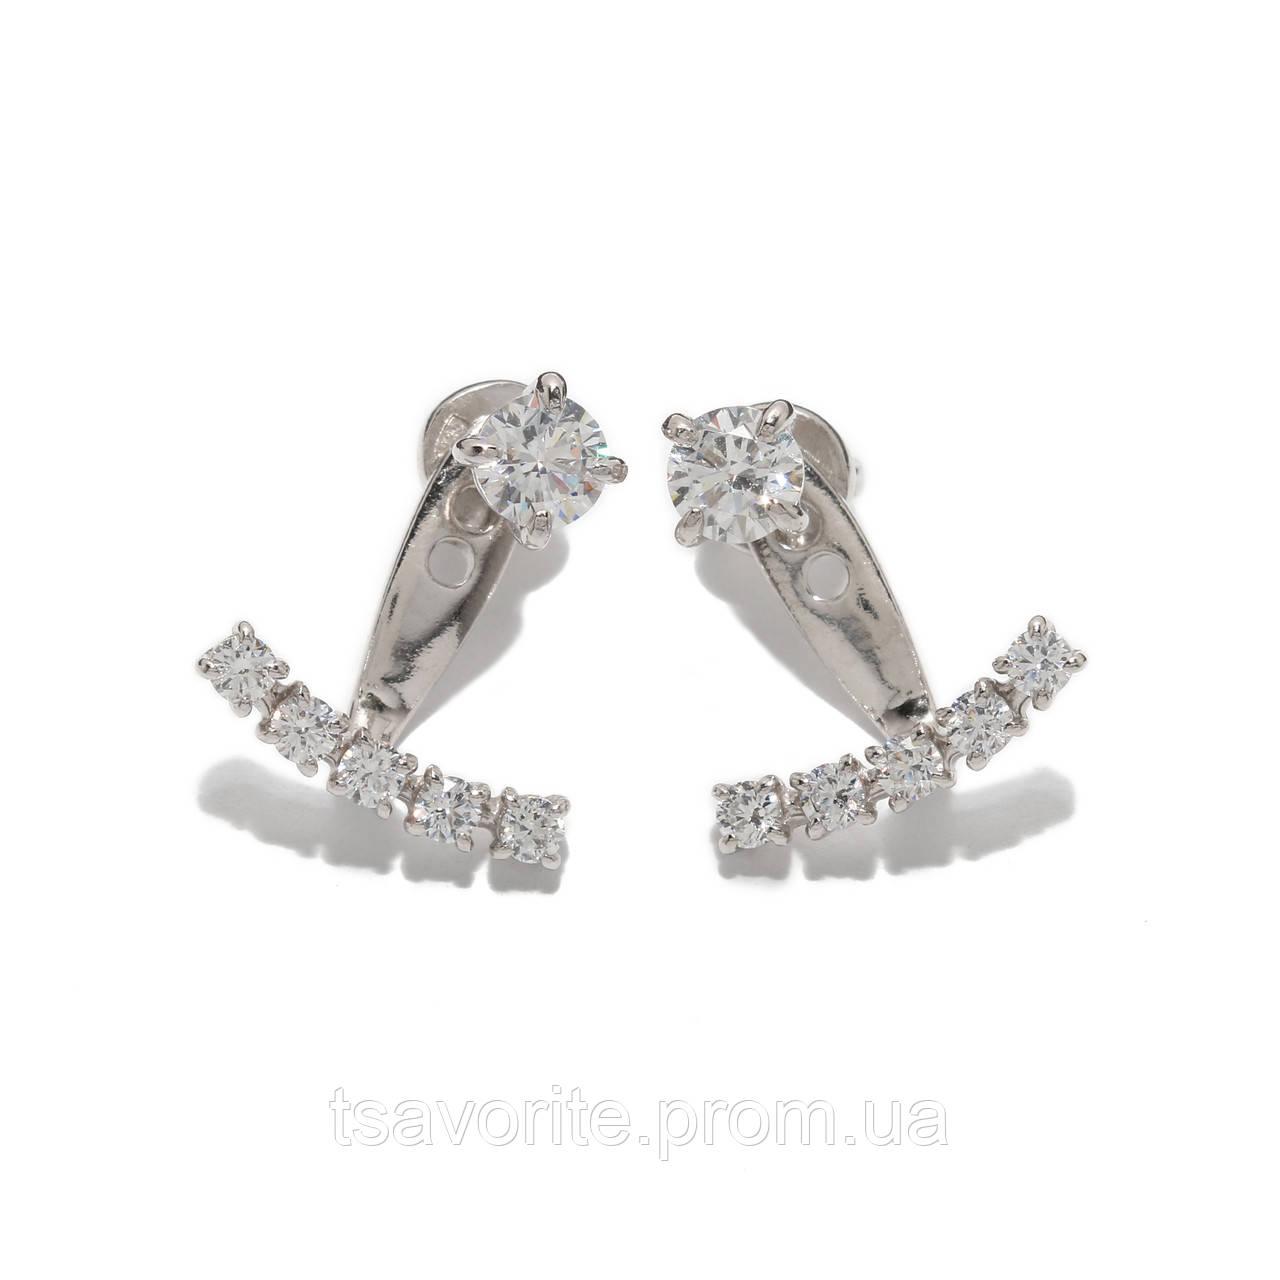 Серебряные серьги джекеты 500156\3-СПР